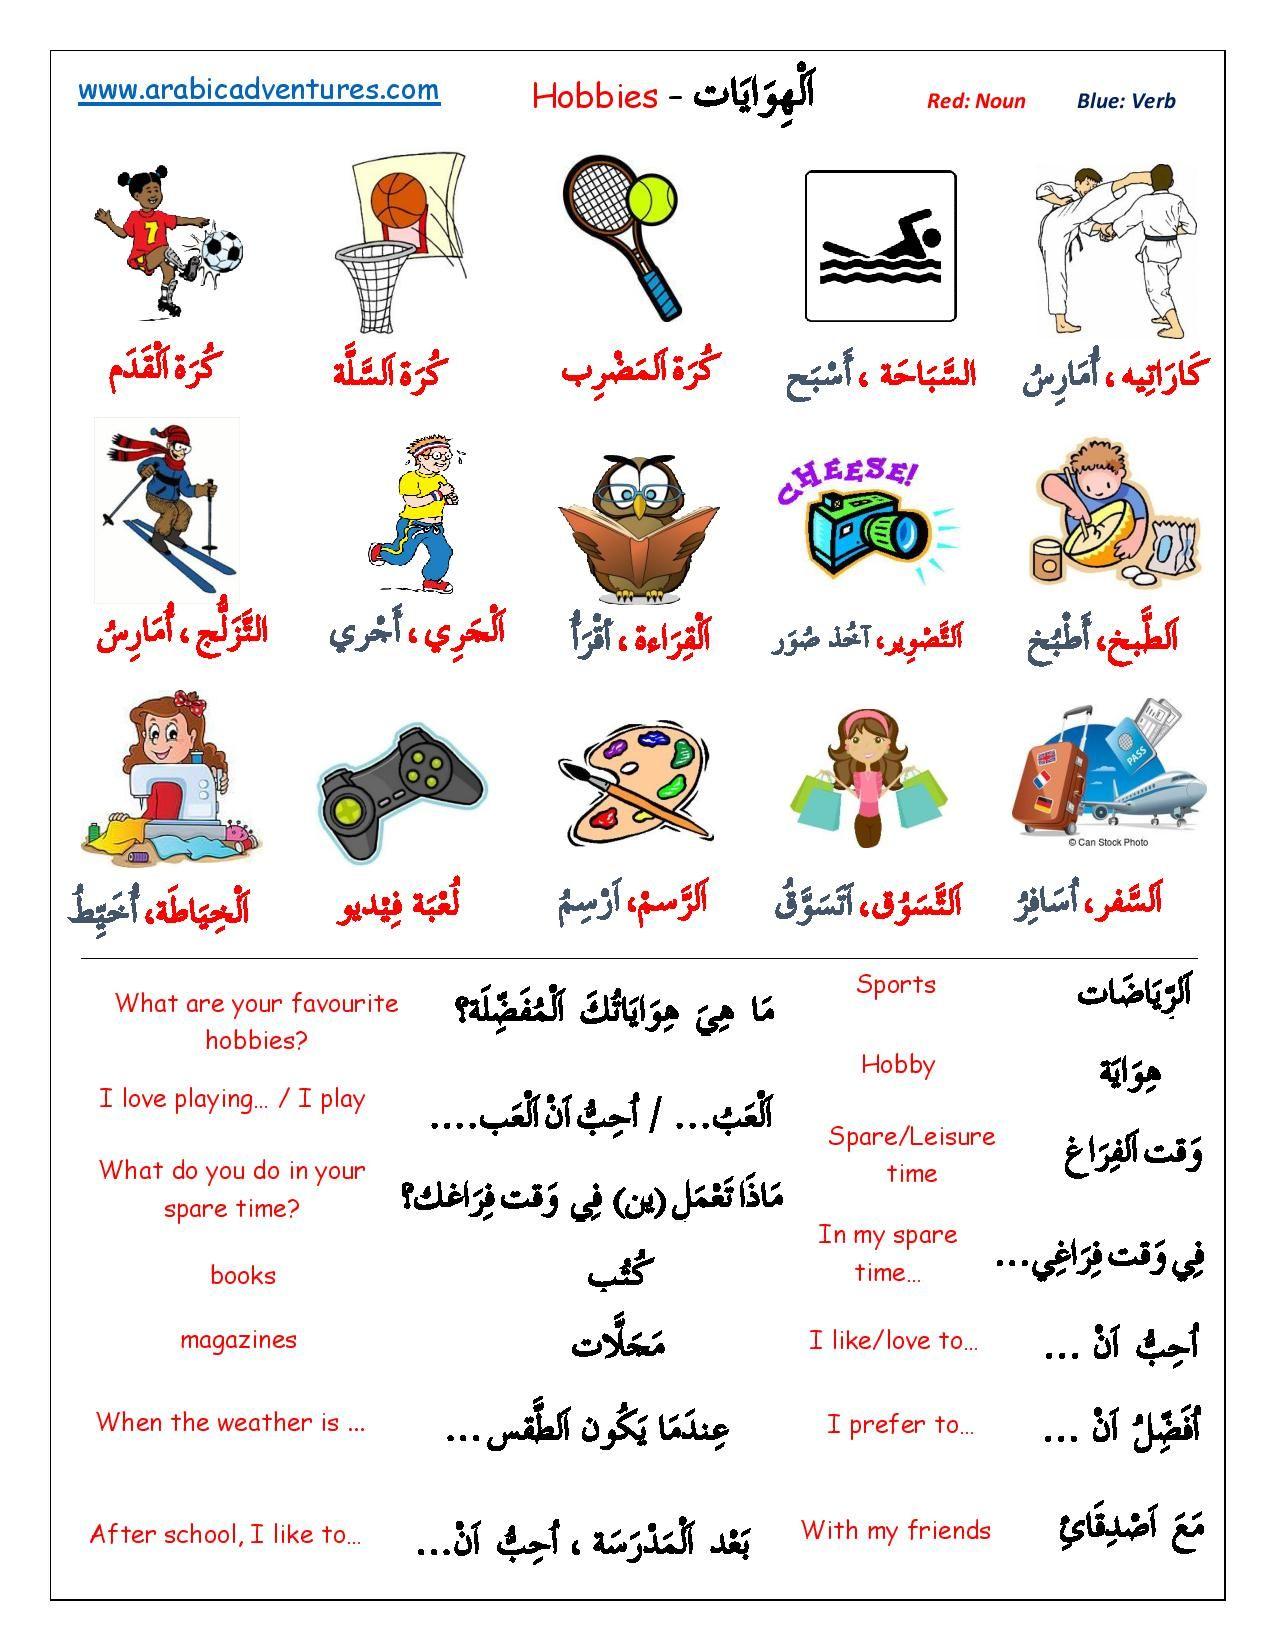 spoken arabic hobbies learn arabic spoken arabic learning arabic. Black Bedroom Furniture Sets. Home Design Ideas